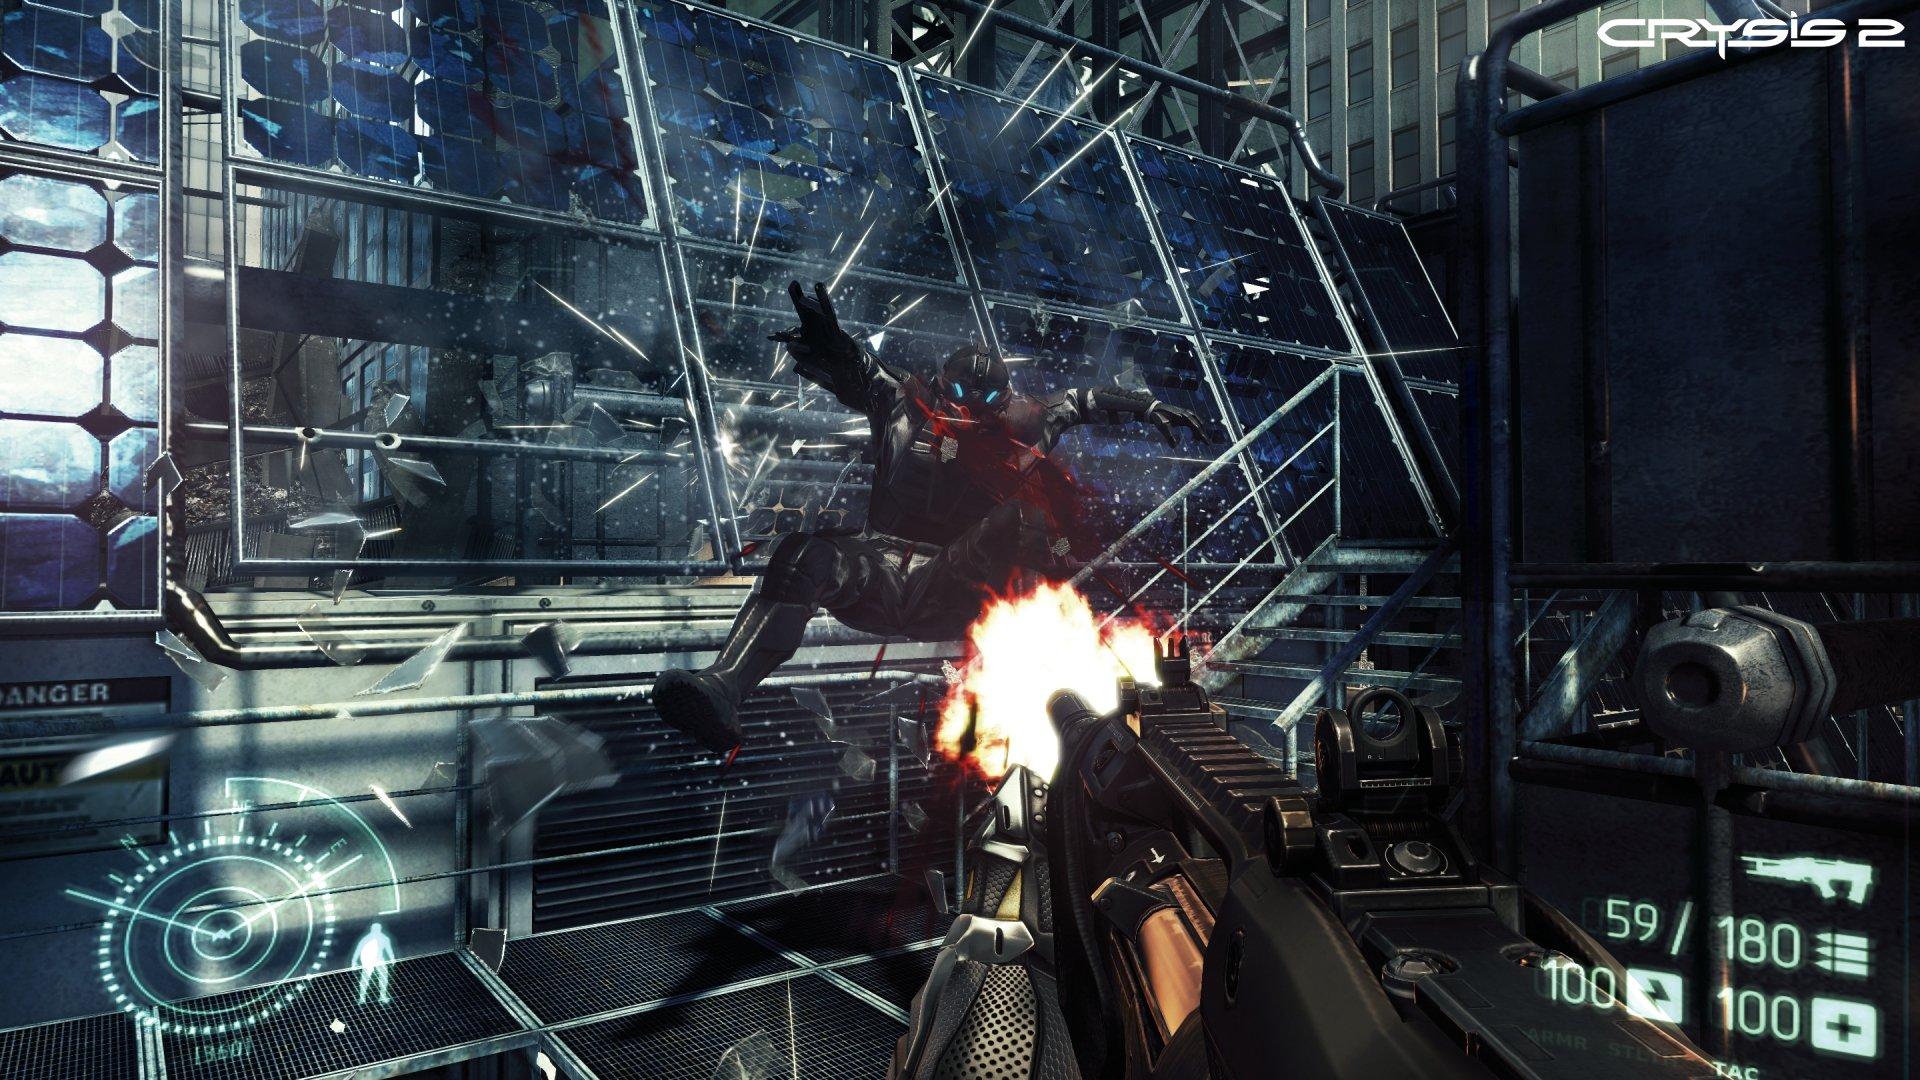 Llega un nuevo trailer de Crysis 2 para volarnos la tapa de la cabeza [Videos]